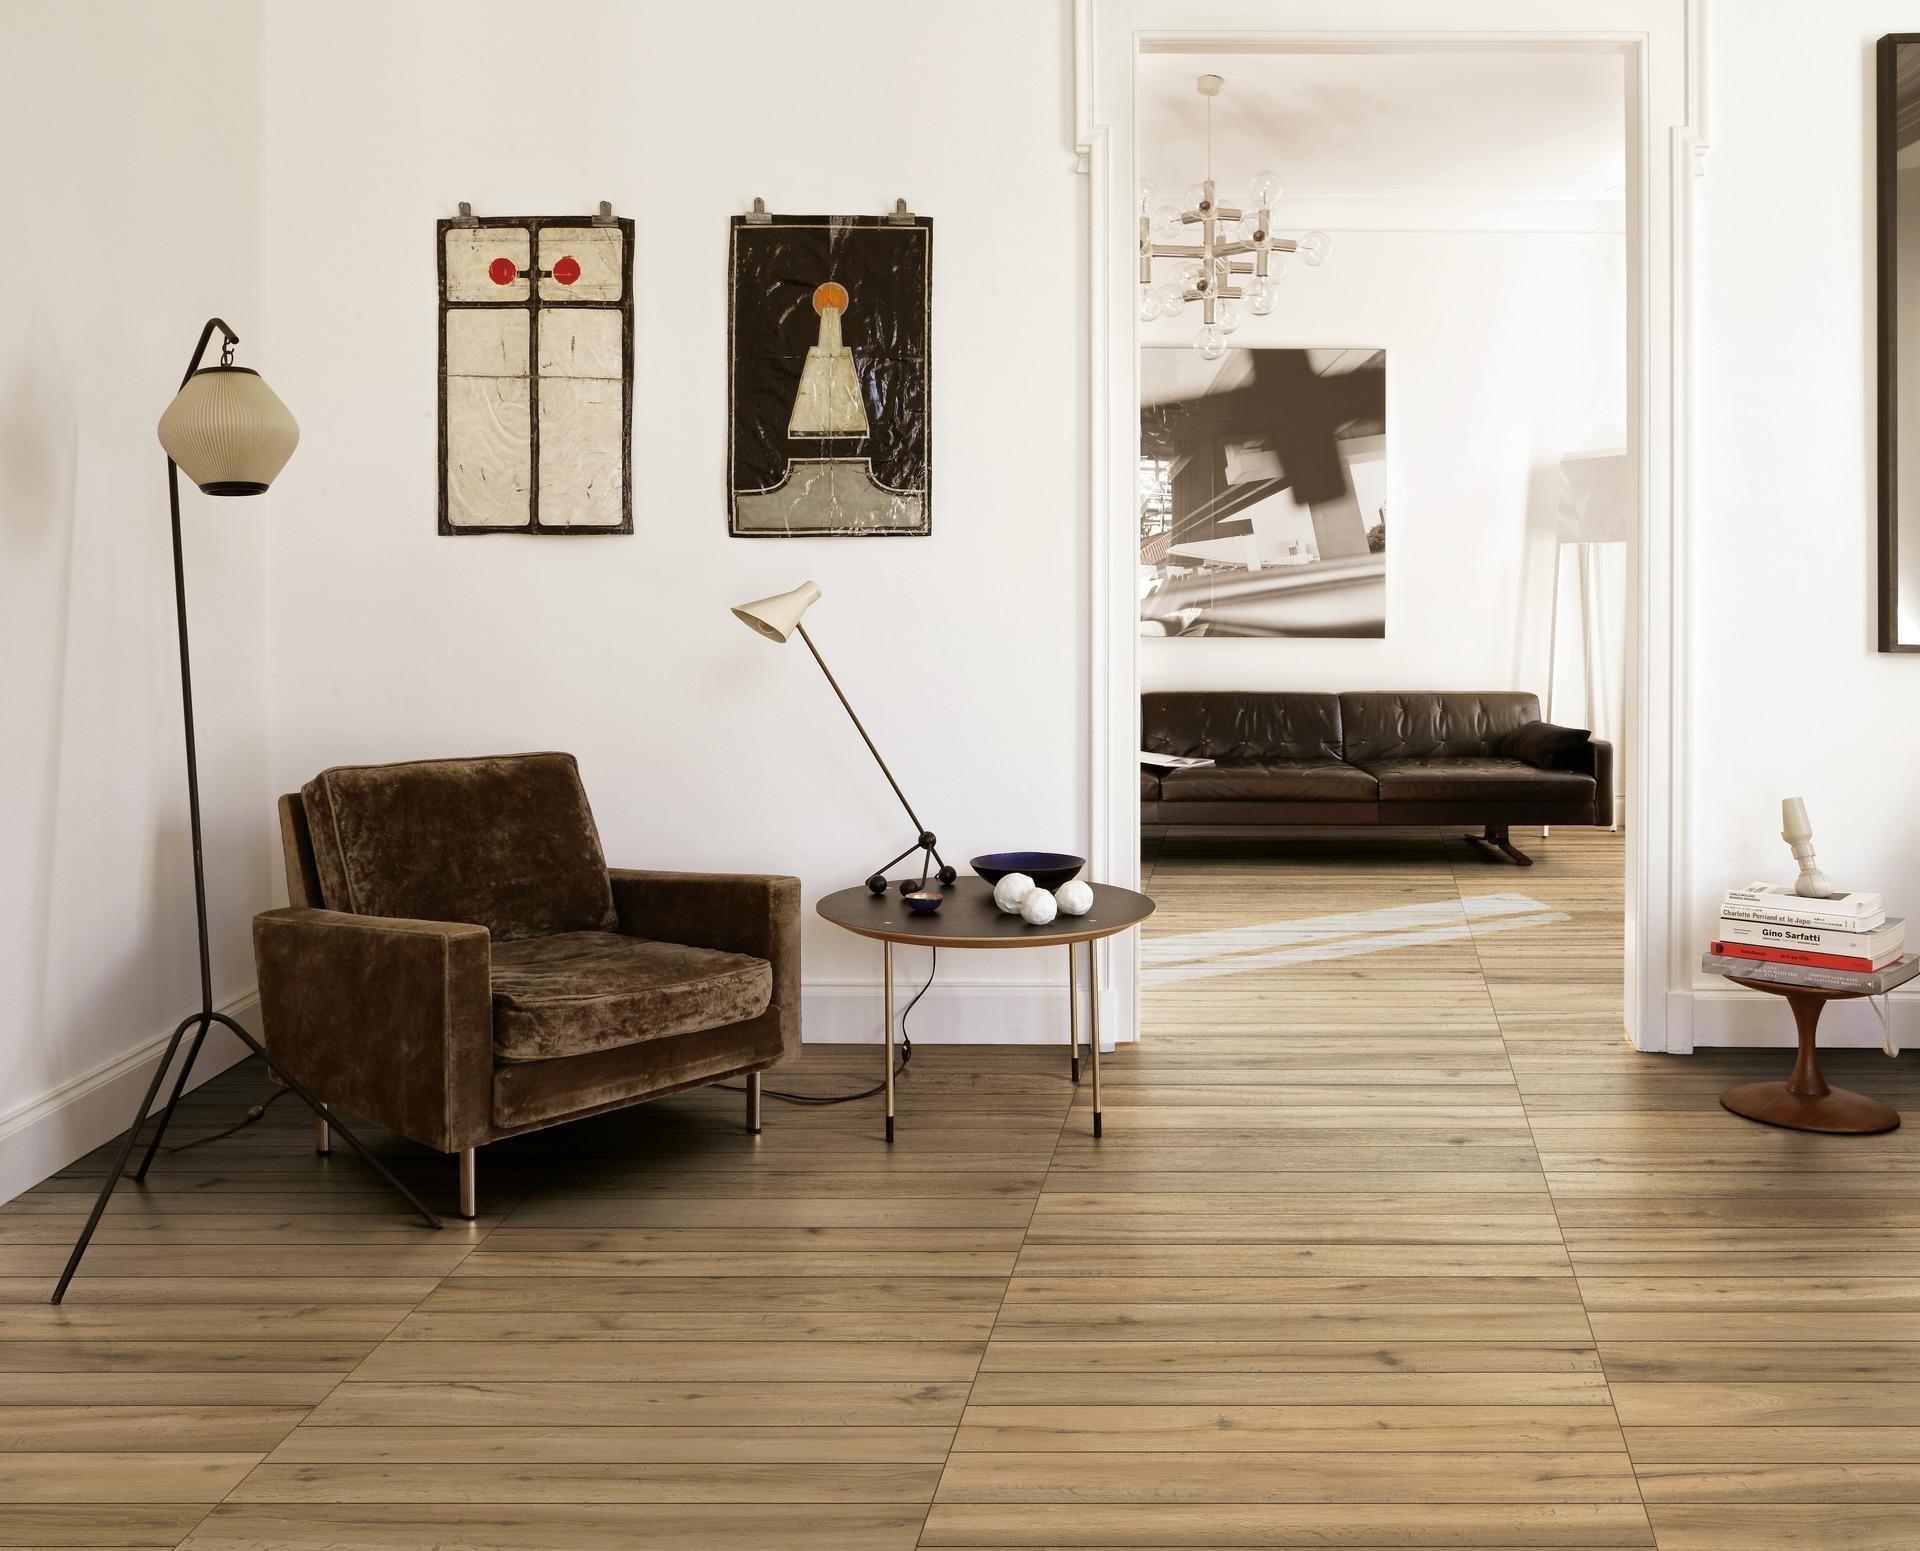 Pavimenti Moderni Effetto Legno: Energie ker pavimenti gres effetto ...